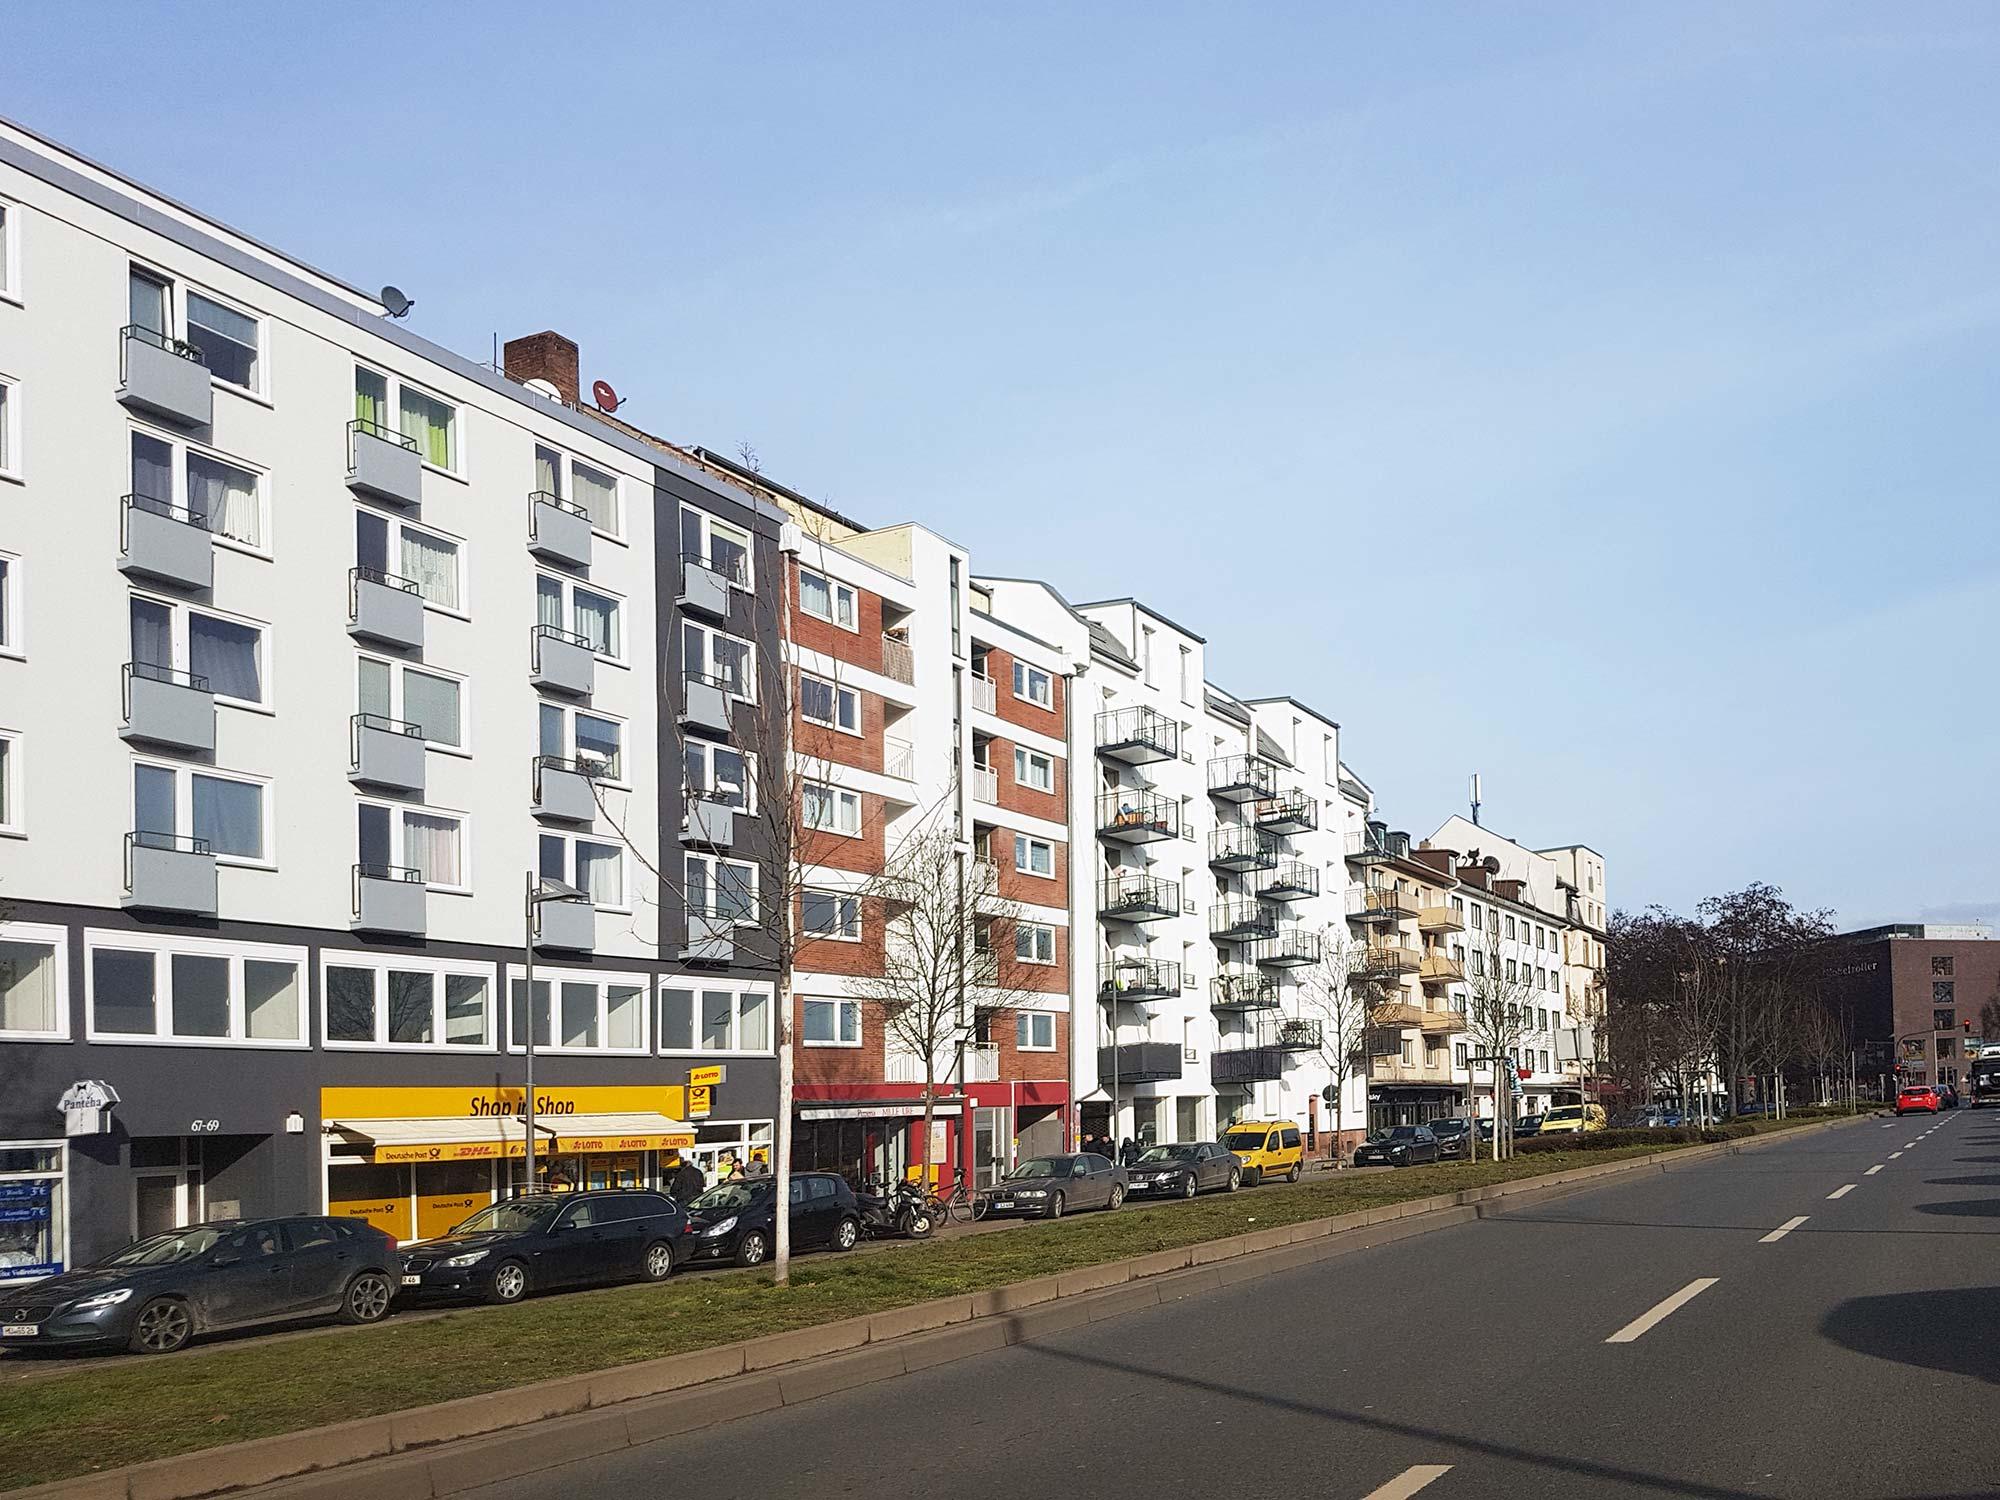 Sonnemannstraße Frankfurt - Direkt auf der gegenüberliegenden Straßenseite der EZB liegen diese alten Wohngebäude